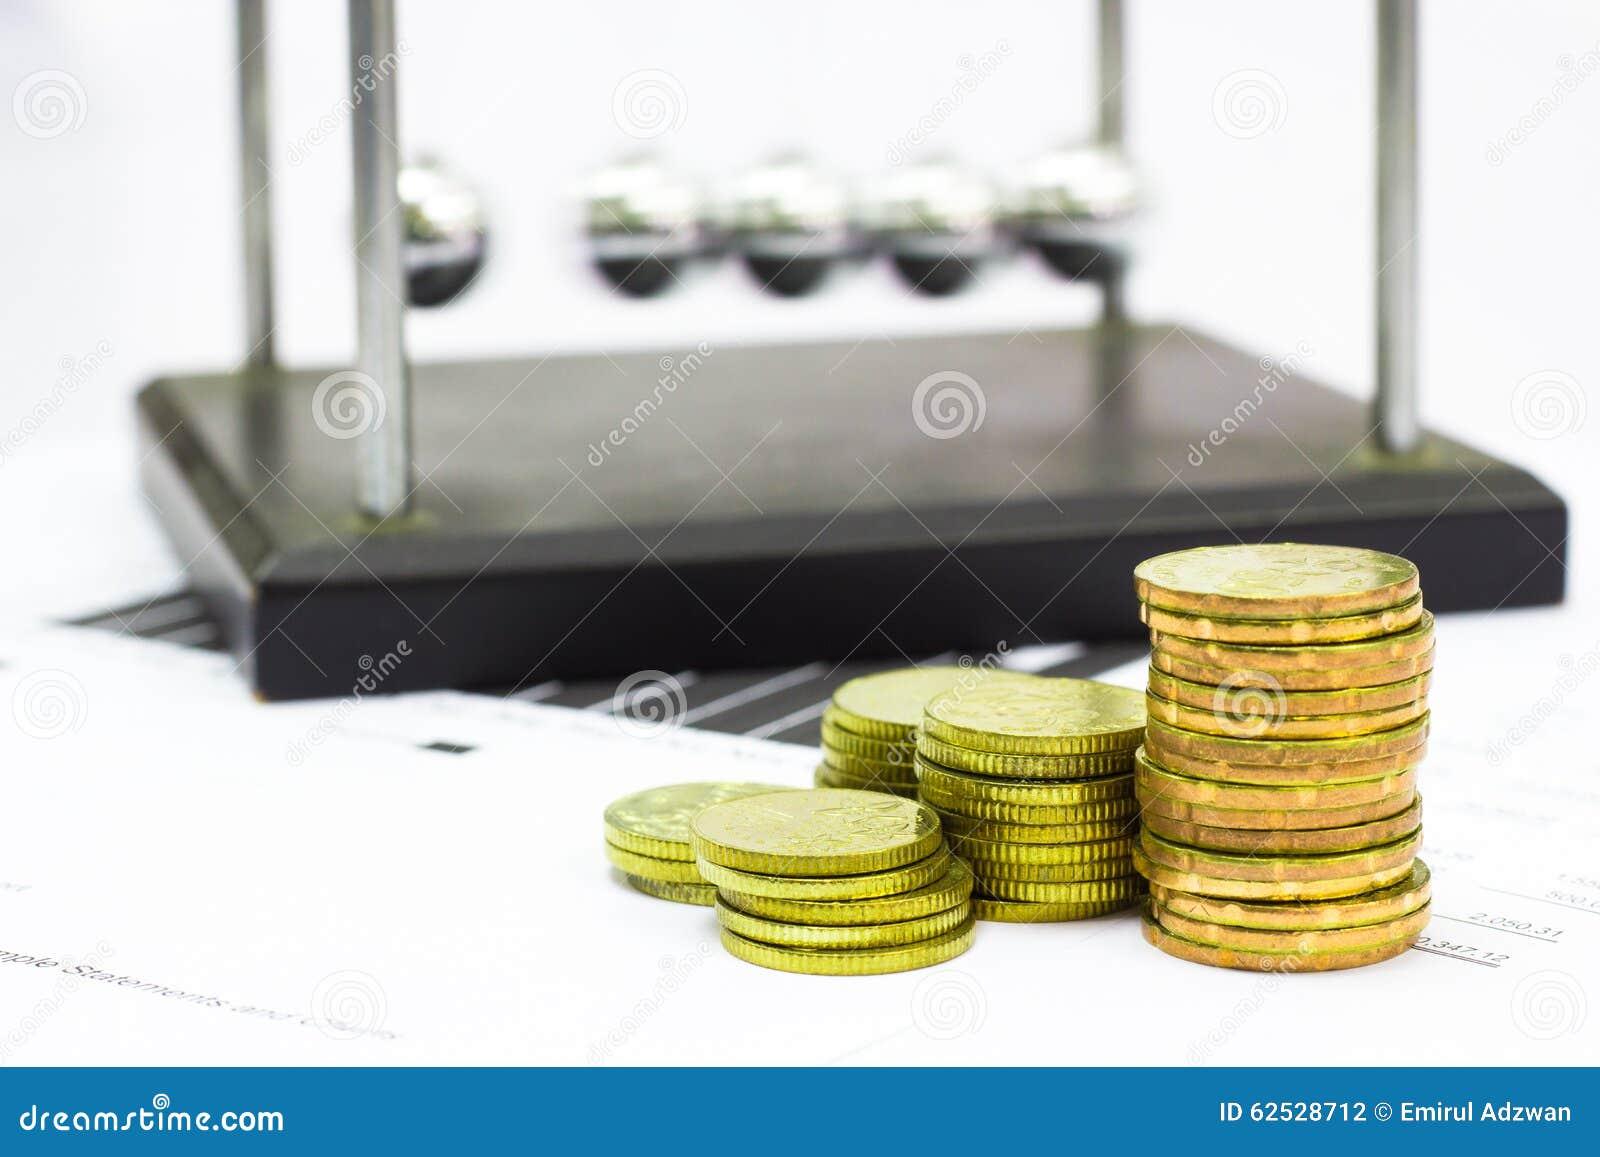 牛顿摇篮钢平衡球和财政决算与硬币